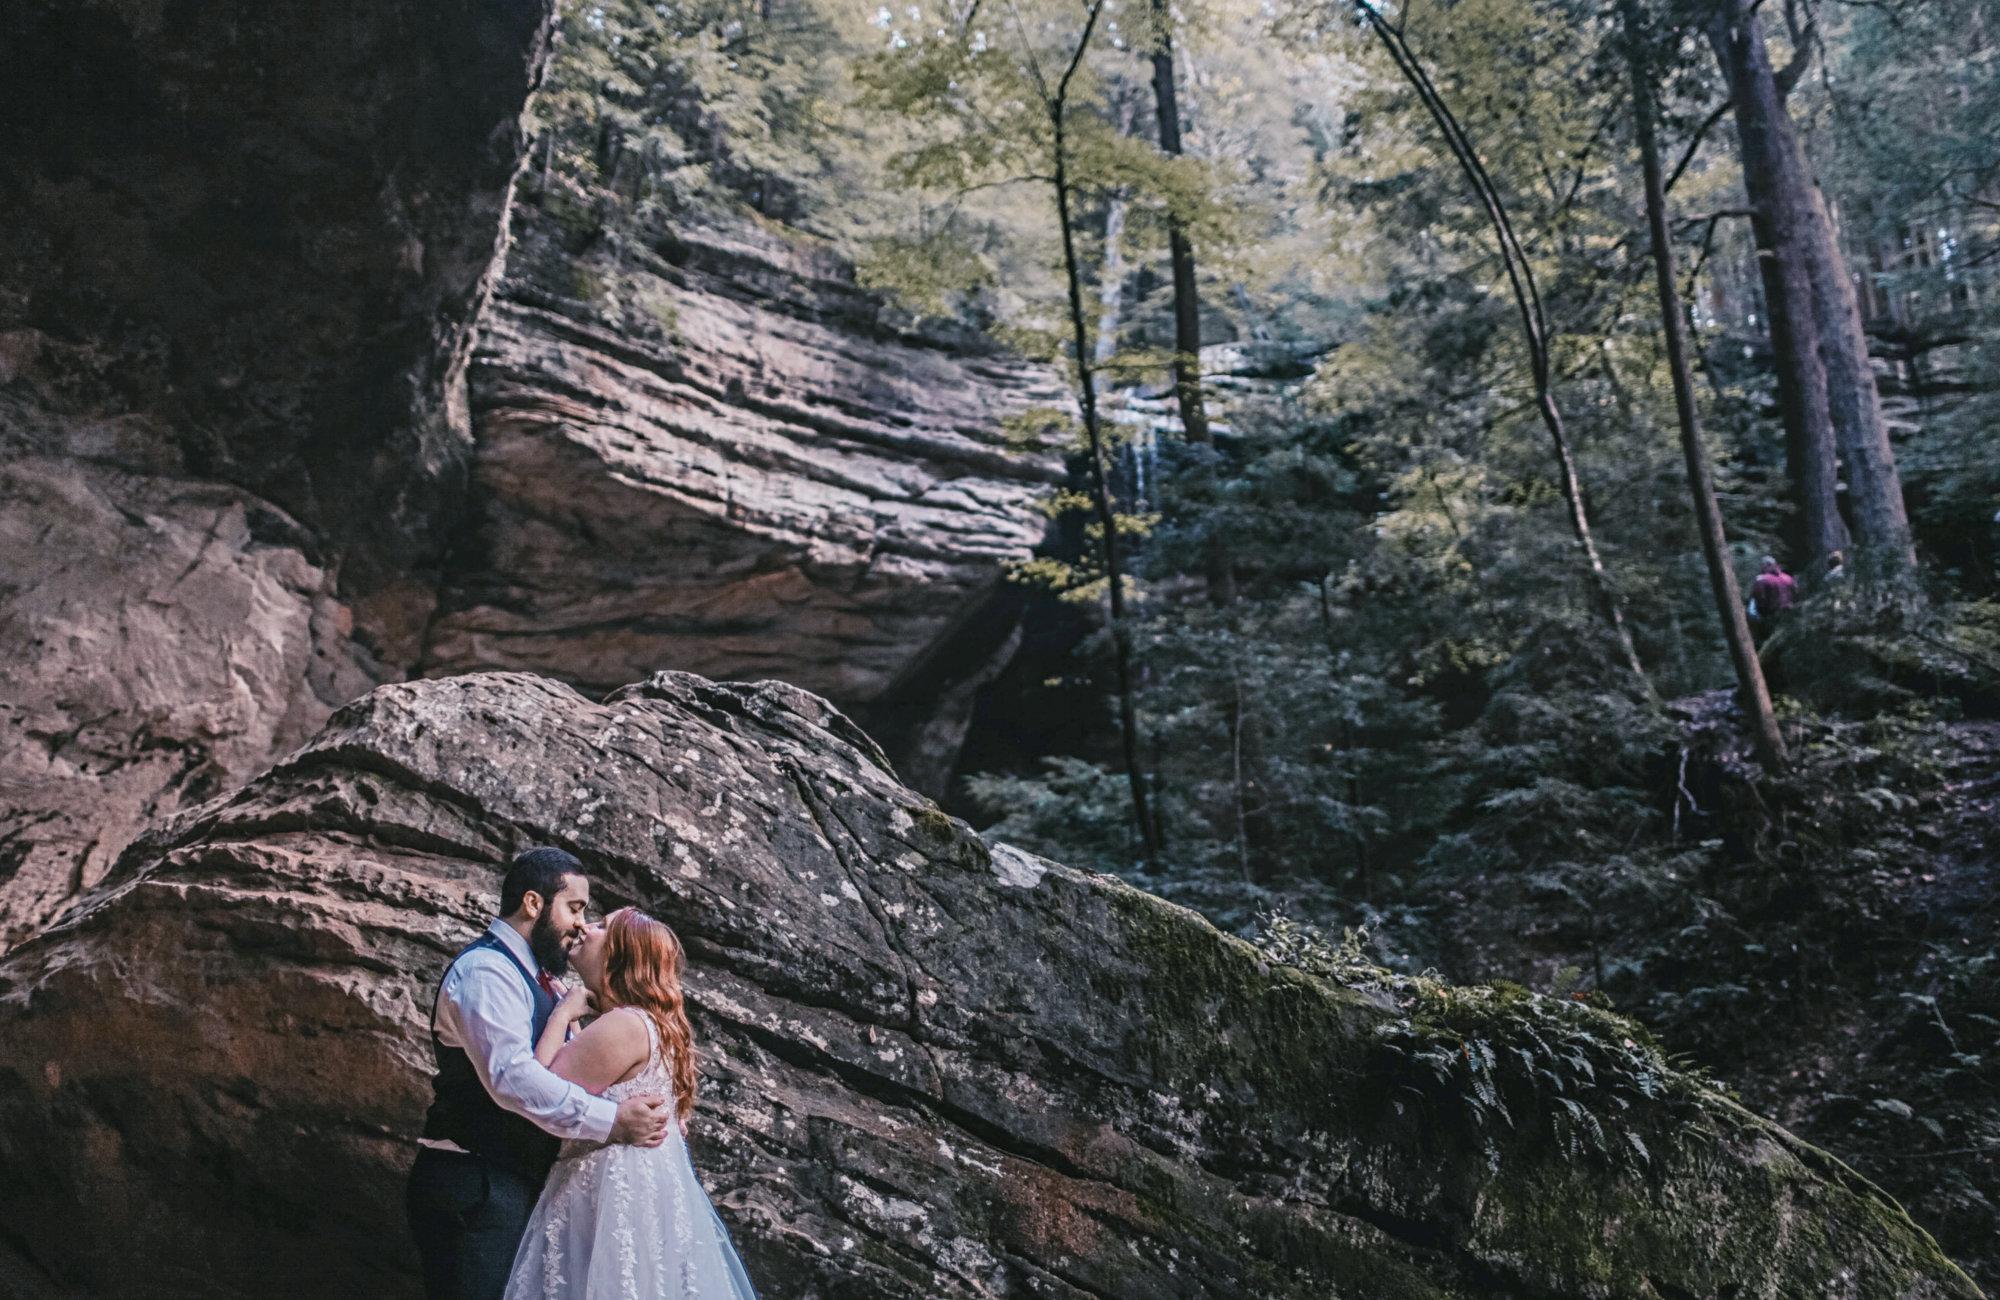 Brautpaar, Felsen, Heiraten in den Bergen, Standesamtlich Heiraten in den Bergen, Almhochzeit, Hochzeit in den Bergen